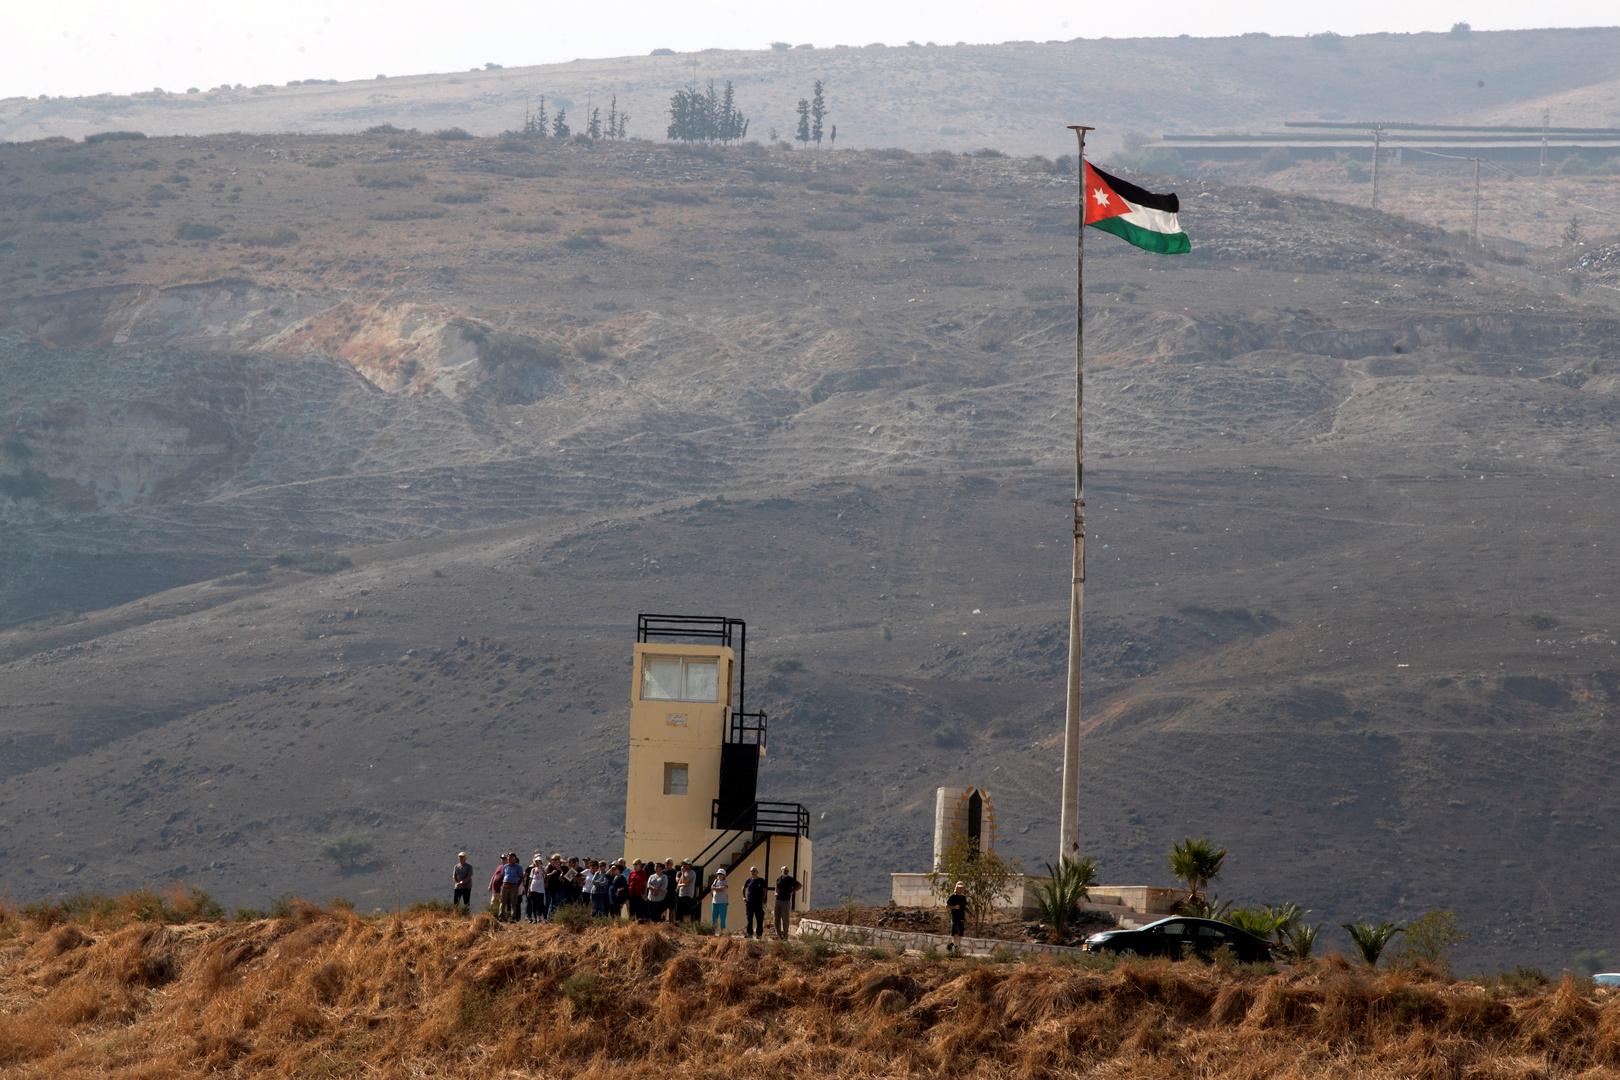 الطراونة: دخول الإسرائيليين إلى الباقورة والغمر ممنوع من دون حصولهم على الفيزا